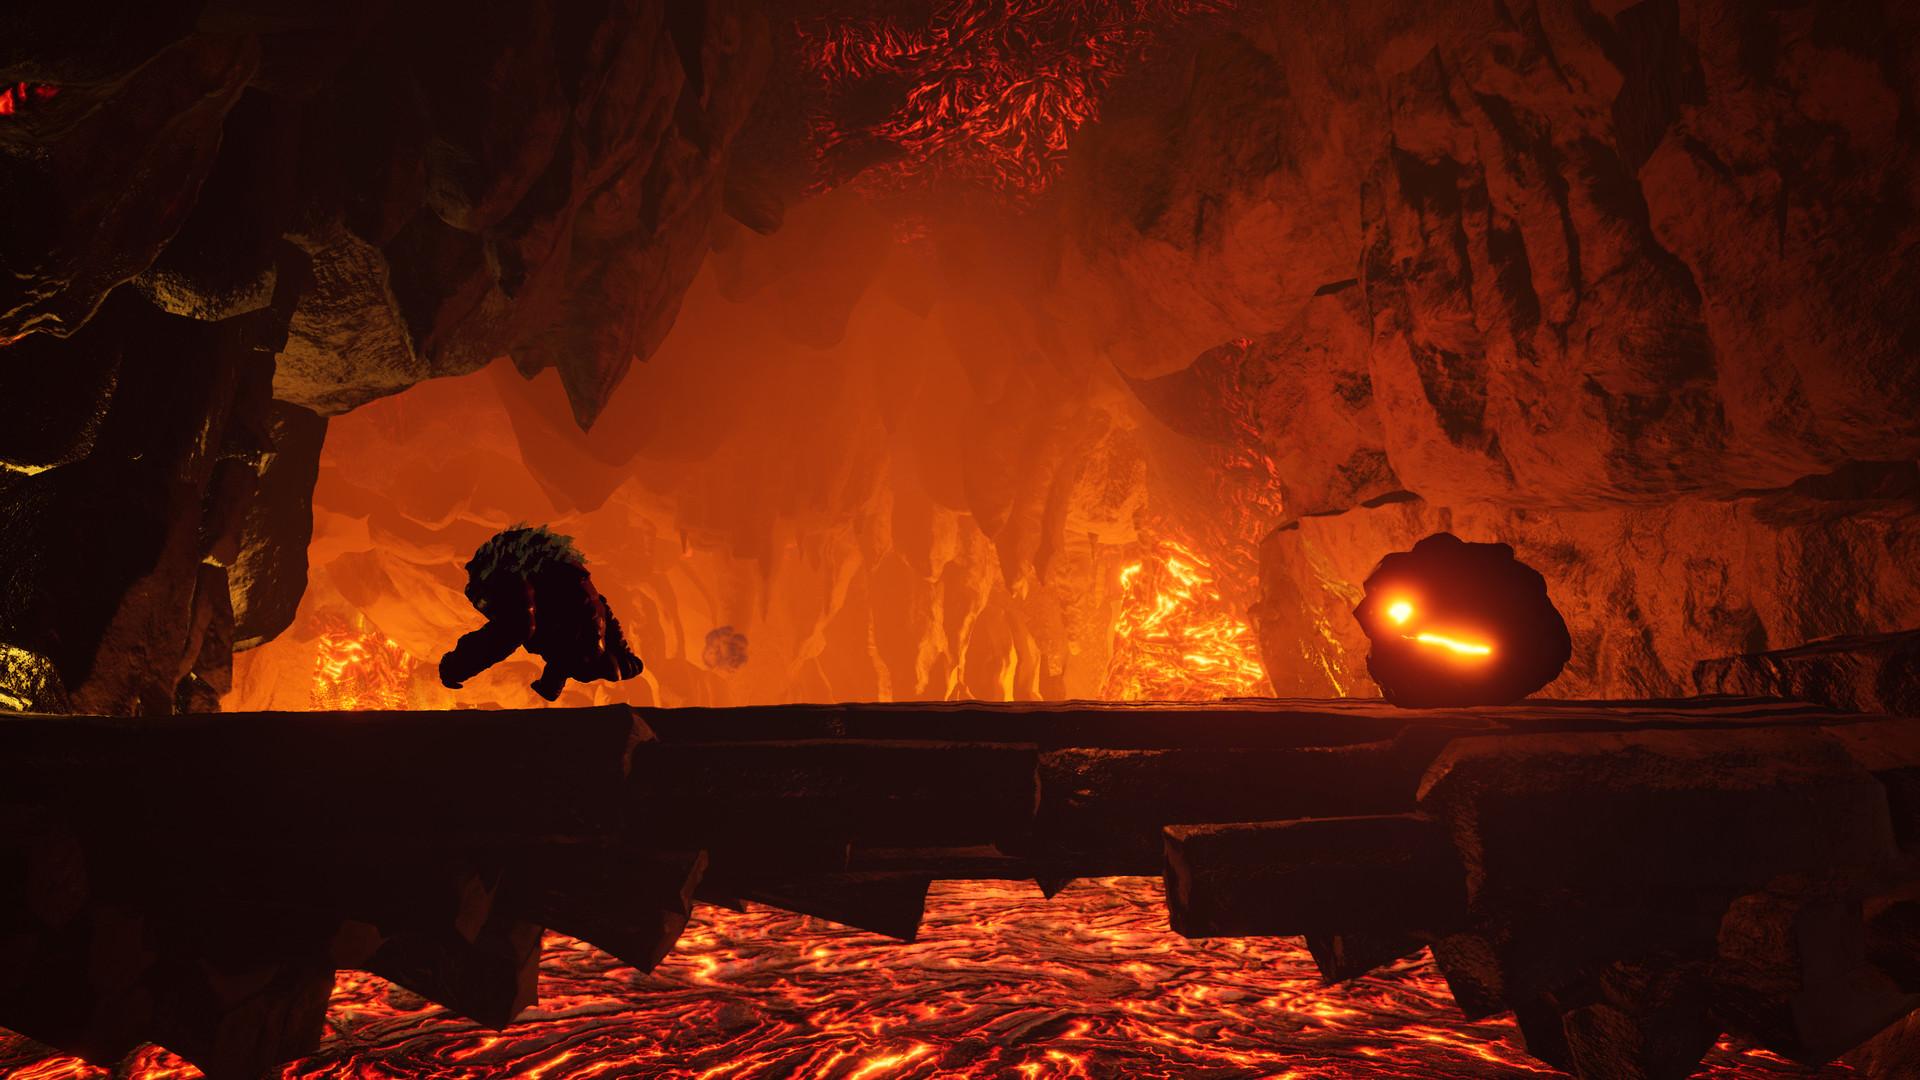 扮演骷髅头拯救世界 冒险解谜《Skully》8月发售